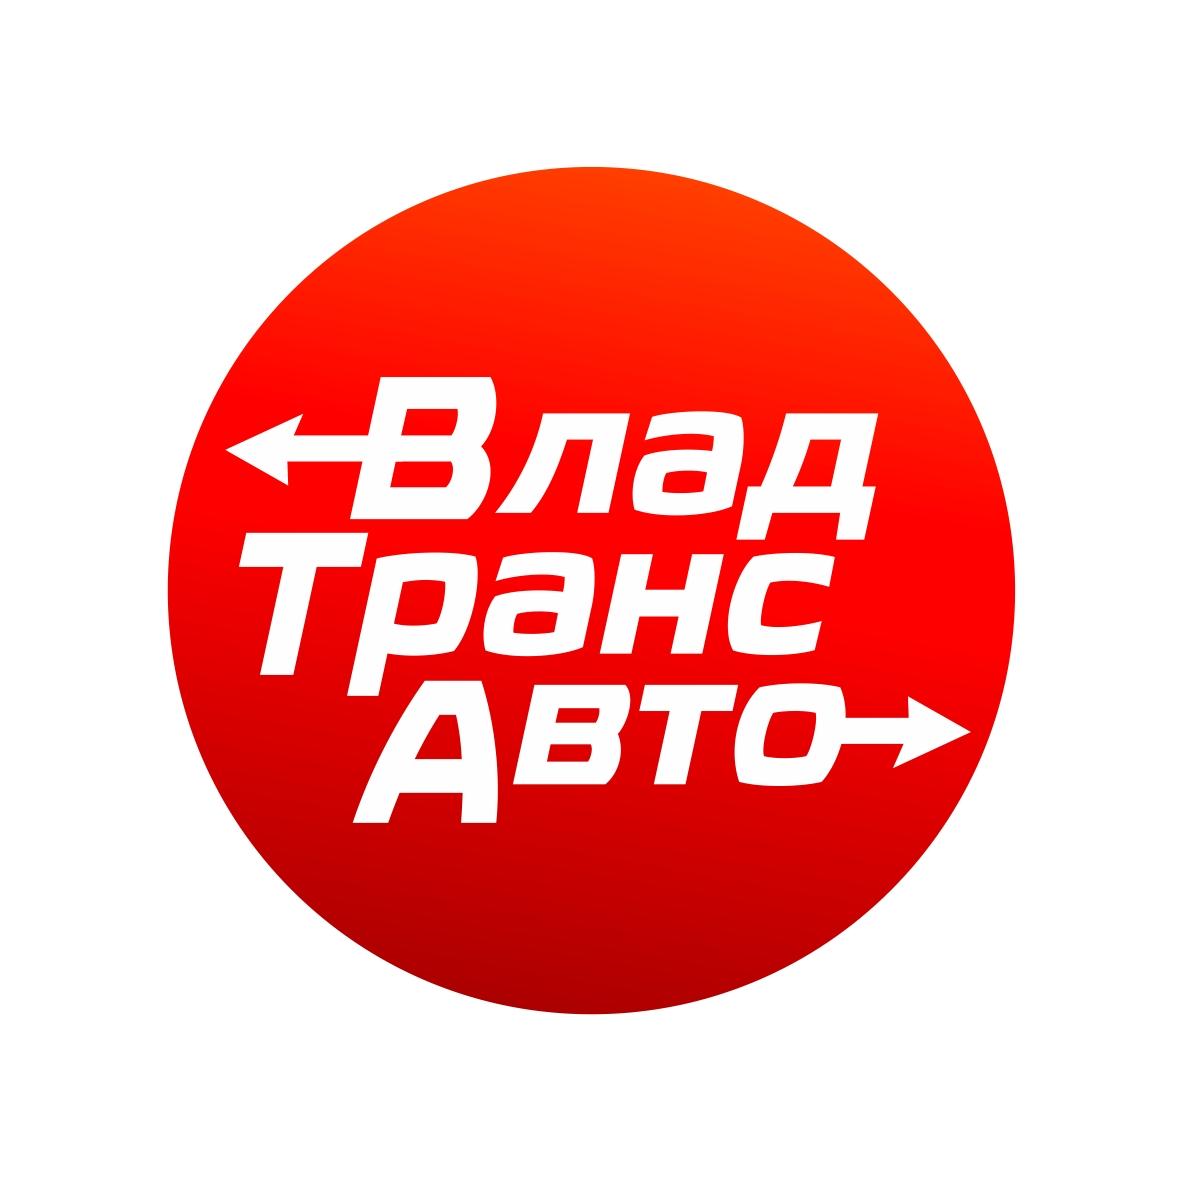 Логотип и фирменный стиль для транспортной компании Владтрансавто фото f_1185cdbad7f0142f.jpg